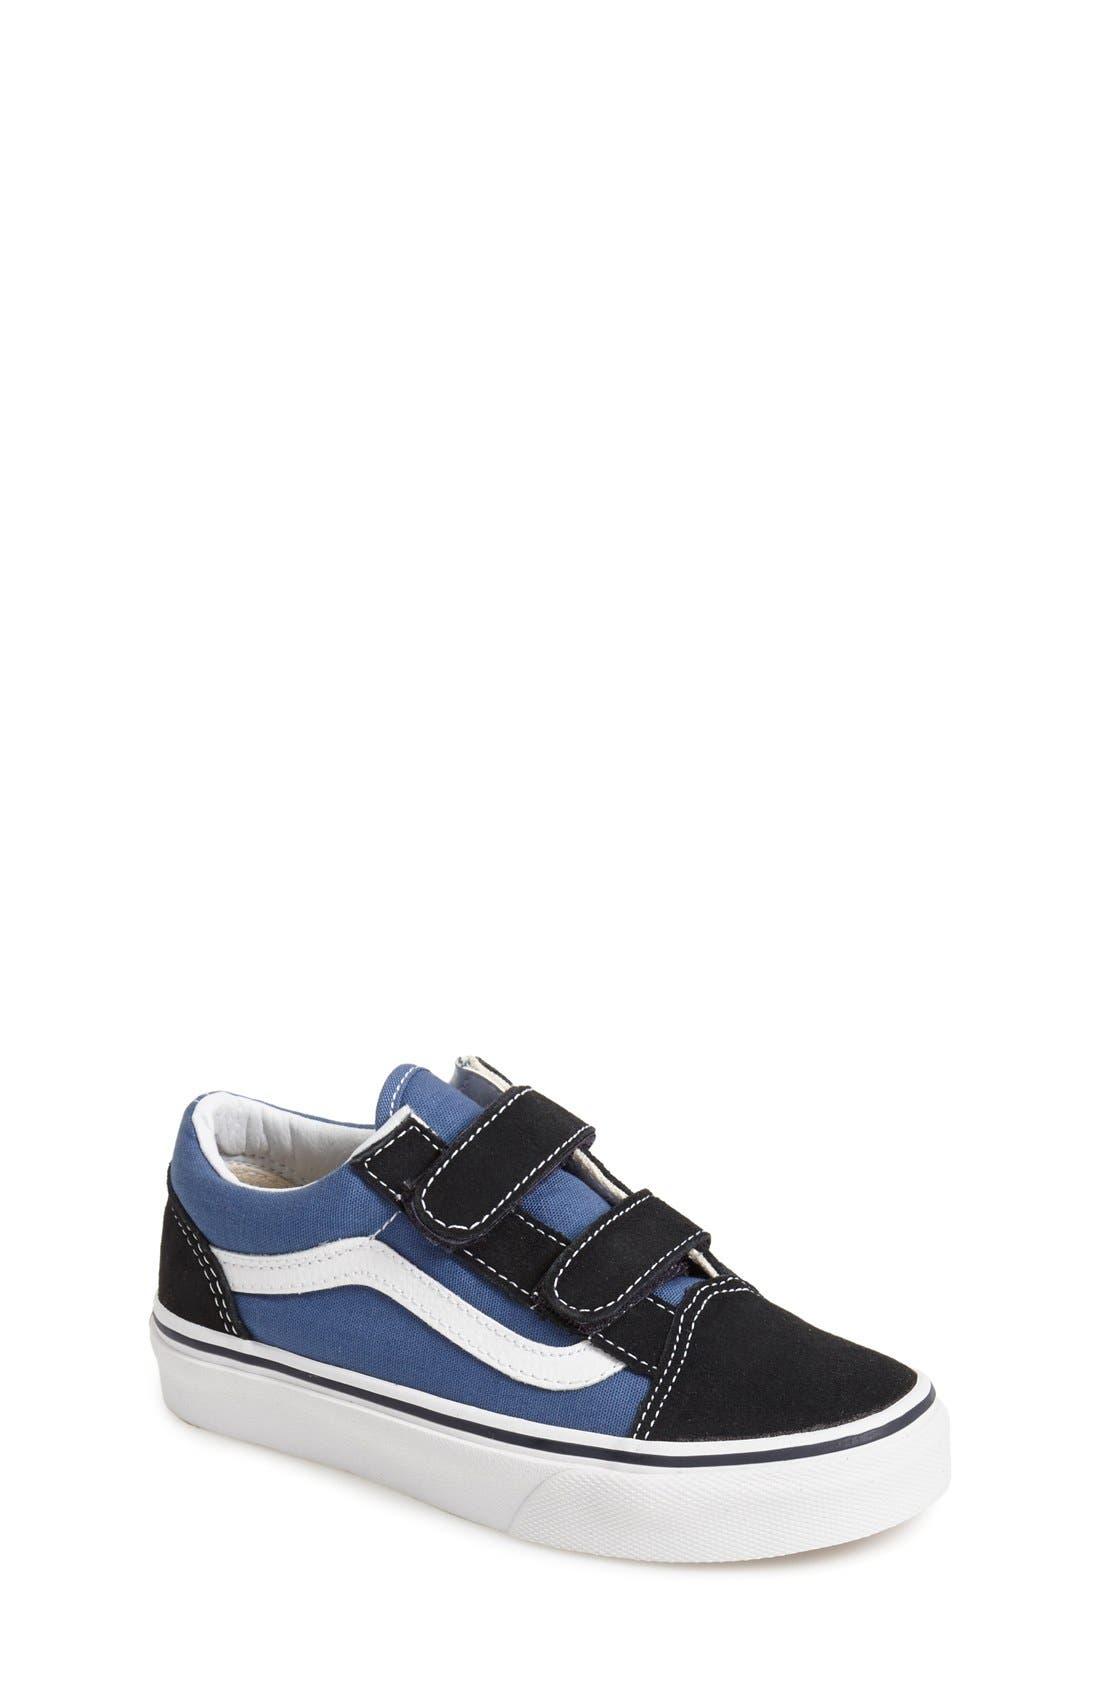 'Old Skool V' Sneaker,                             Main thumbnail 1, color,                             Navy/ True White